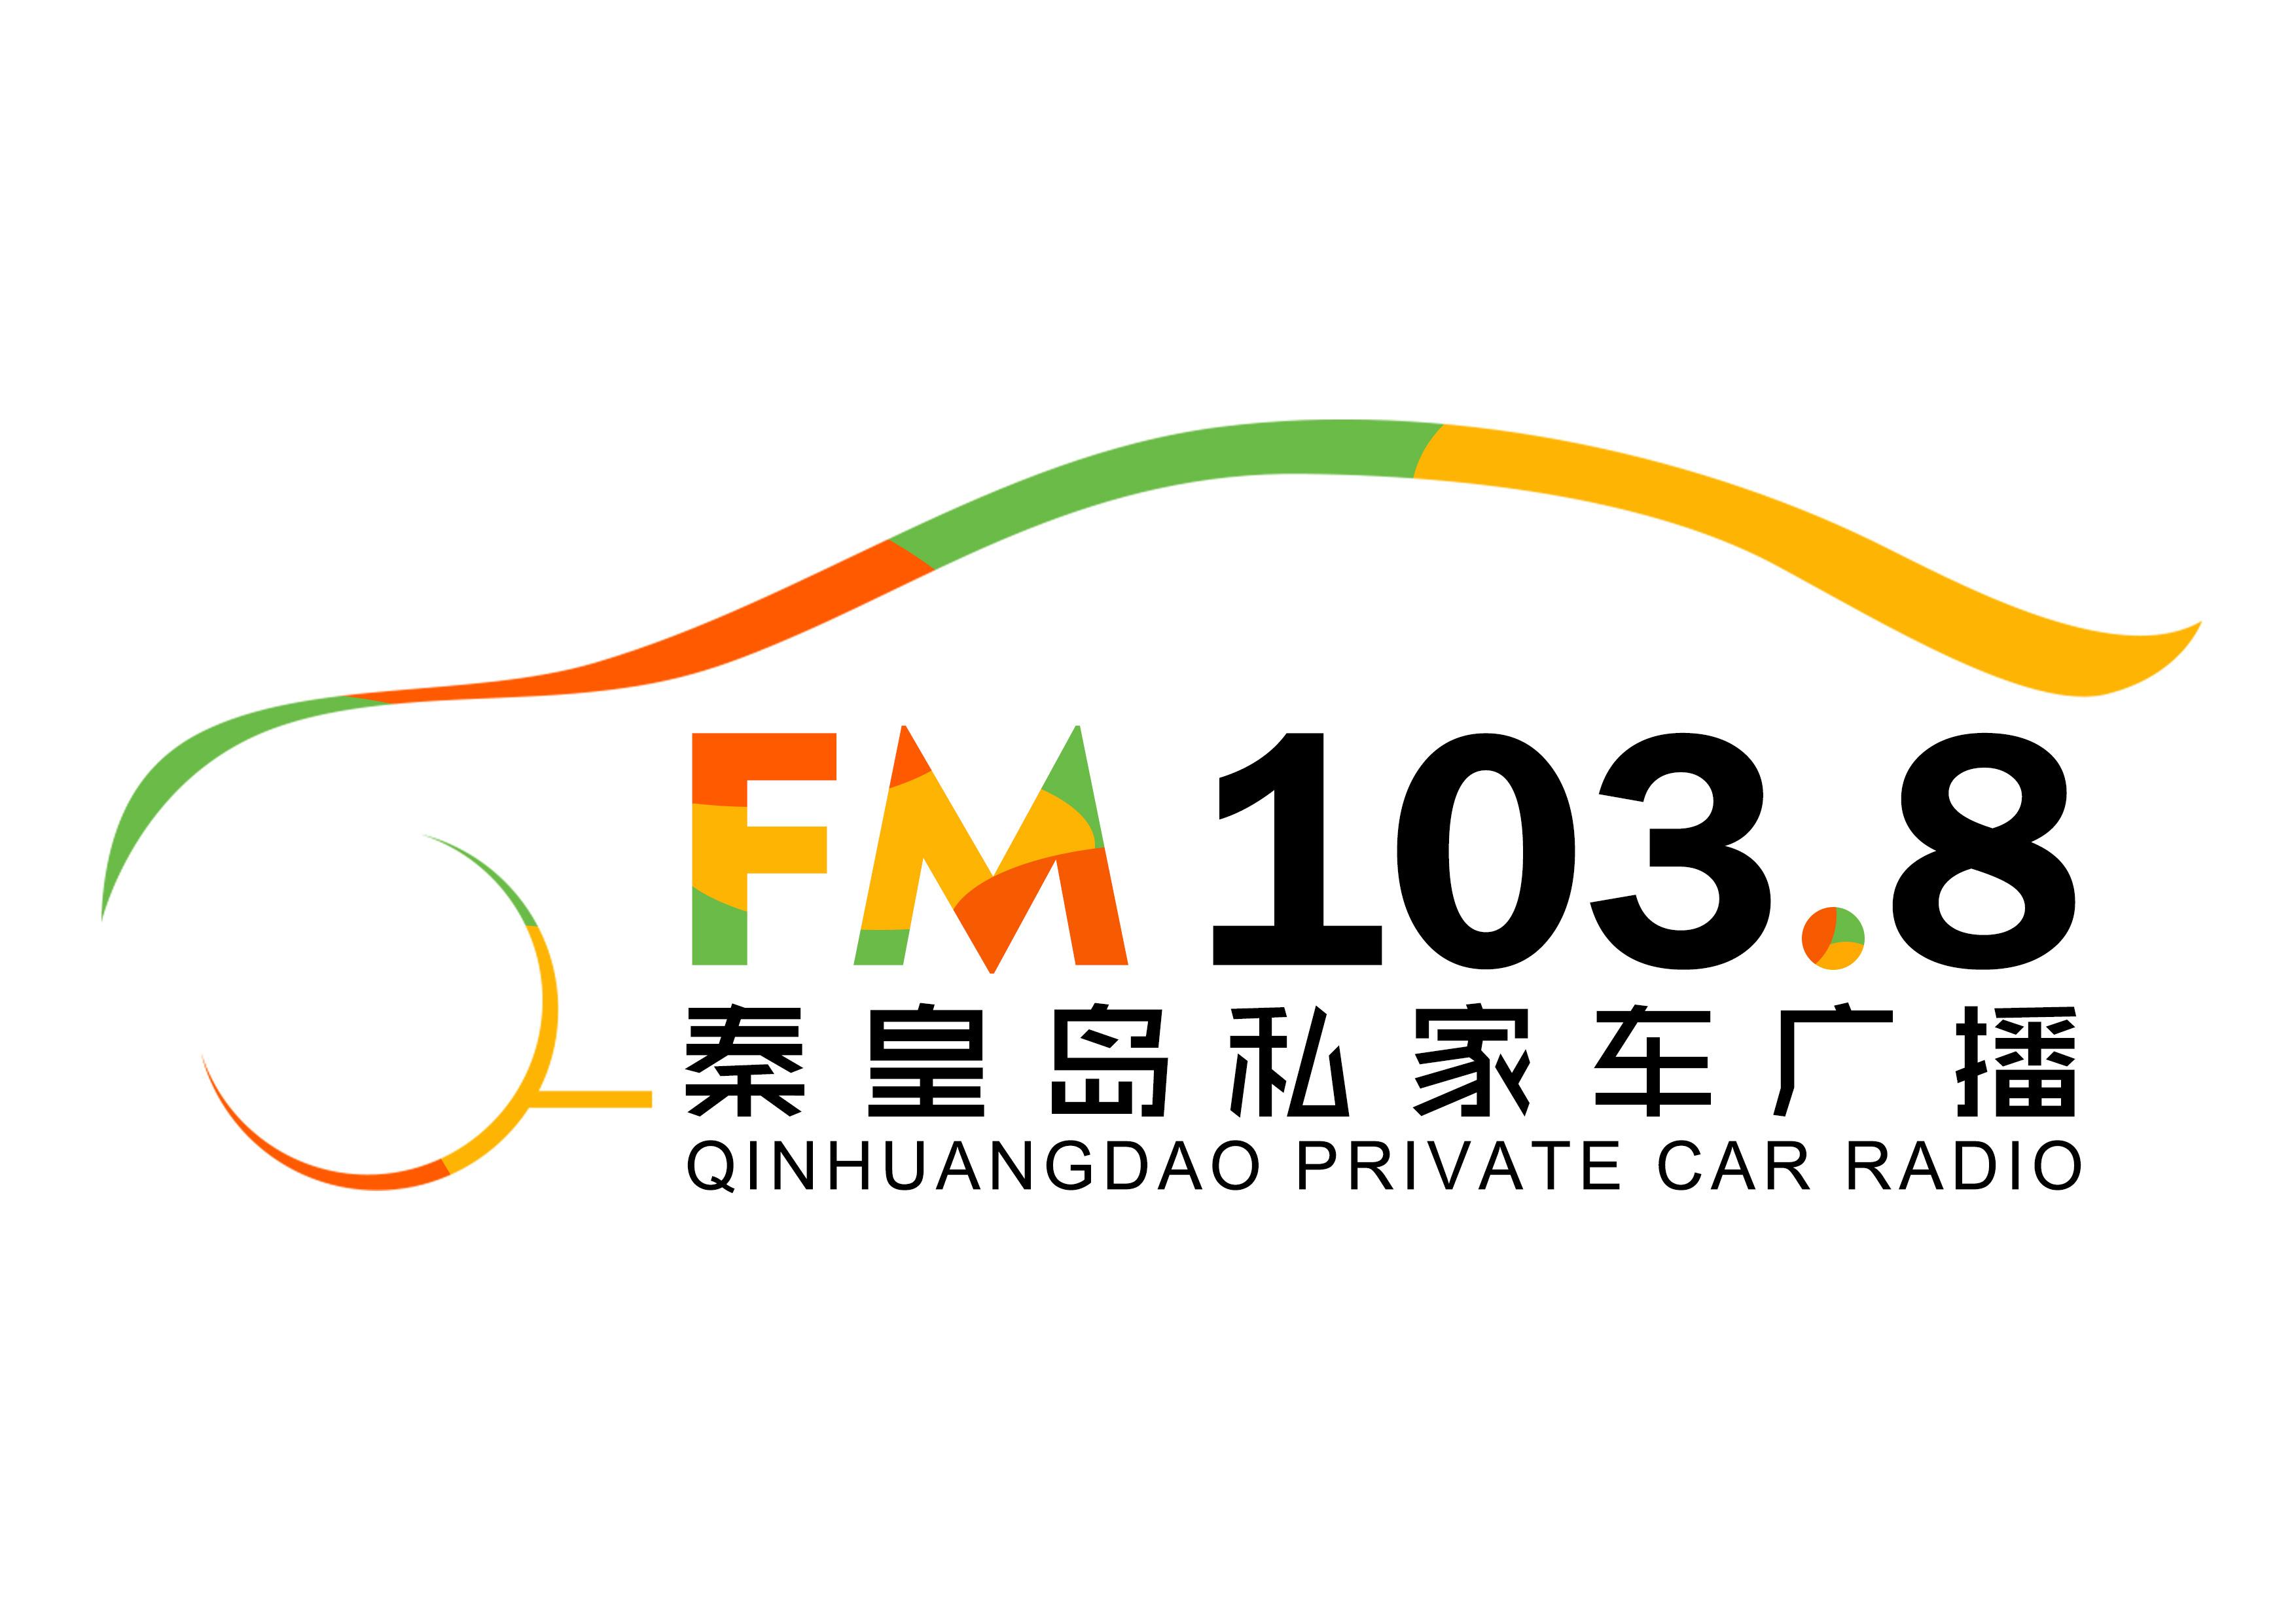 秦皇岛1038私家车广播